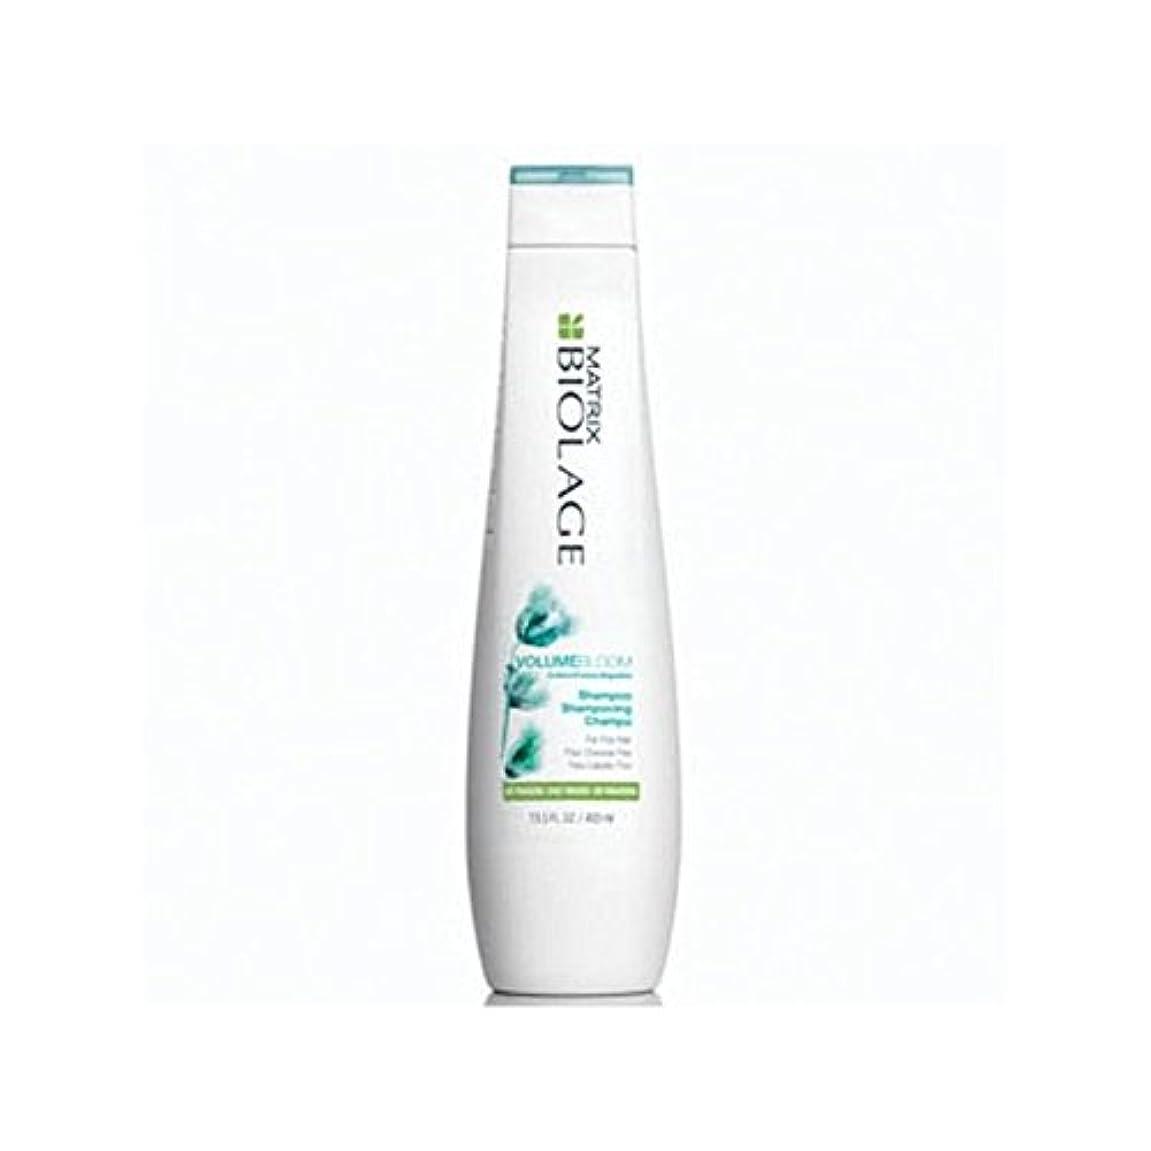 惑星ボルト中国Matrix Biolage Volumebloom Shampoo (400ml) (Pack of 6) - マトリックスバイオレイジのシャンプー(400ミリリットル) x6 [並行輸入品]